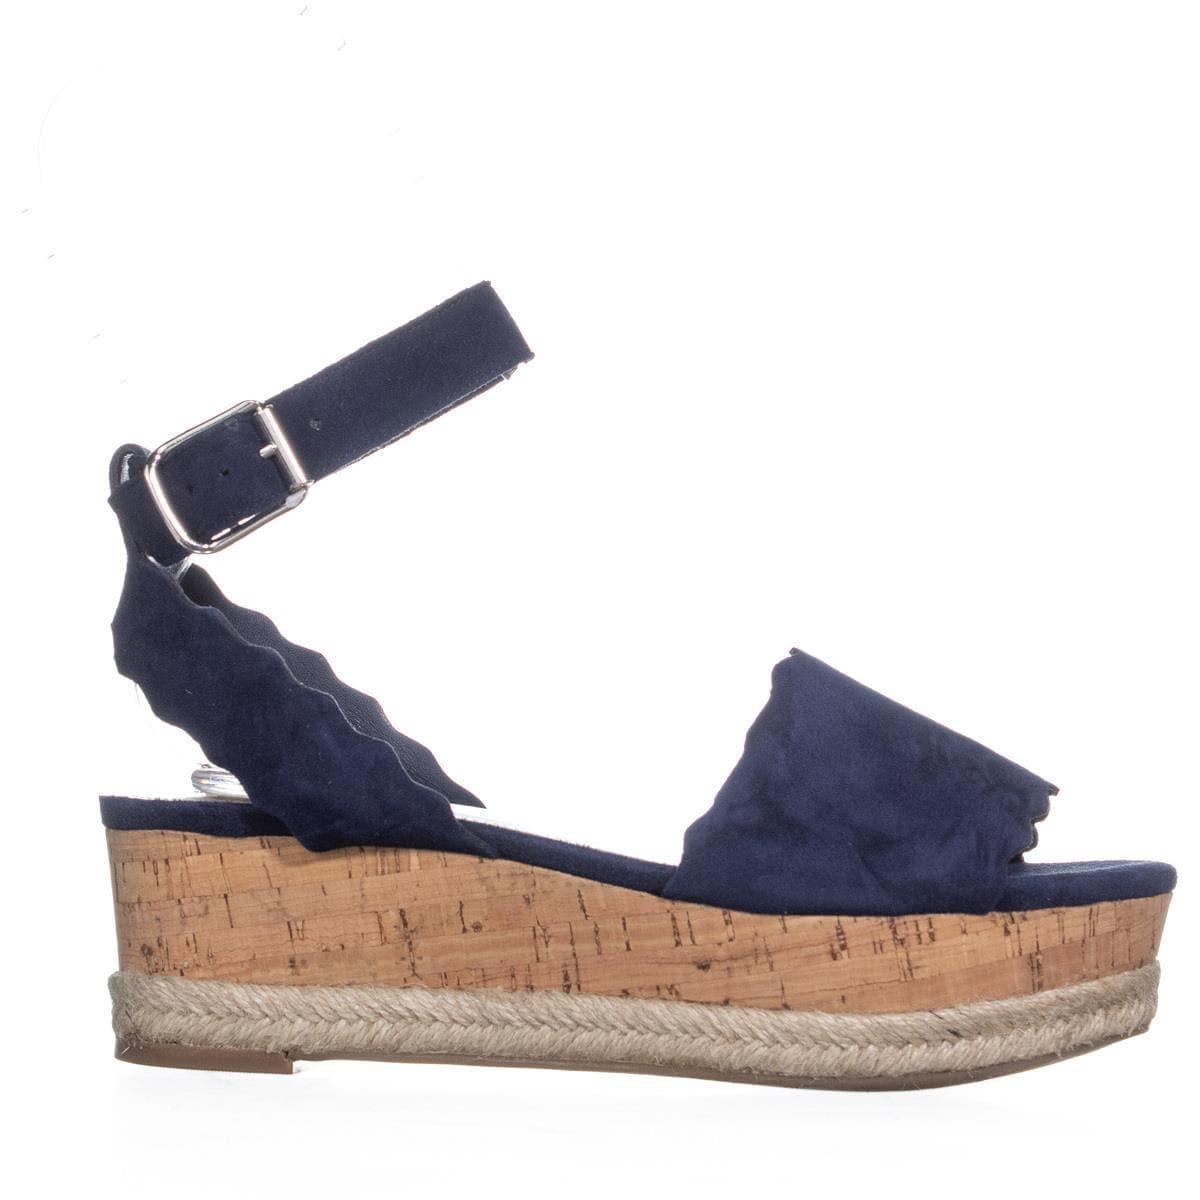 fefc8e83e8a Shop Marc Fisher Faitful Platform Espadrilles Sandals